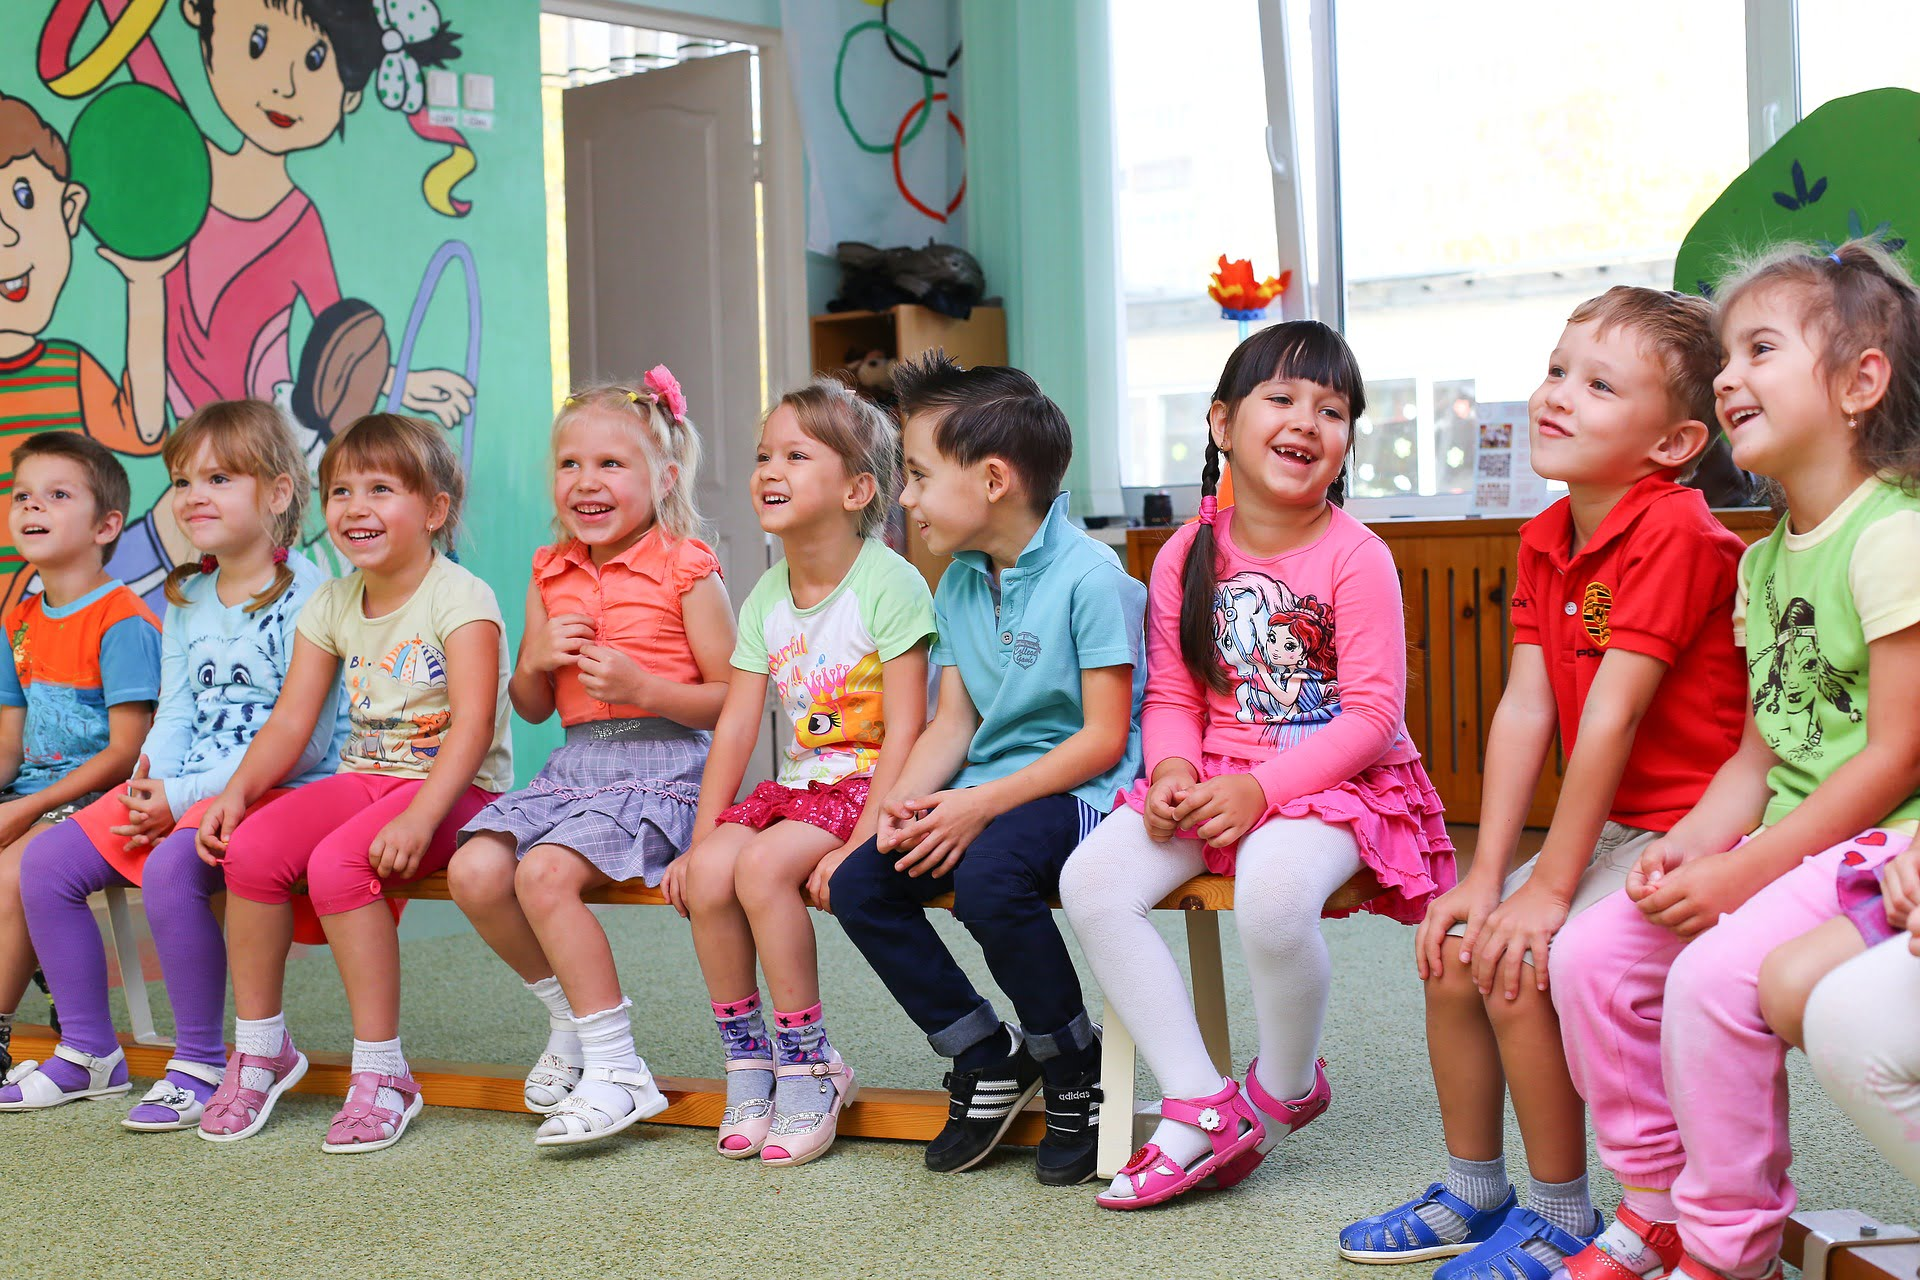 Grupa dzieci siedzi na ławce, wszyscy się śmieją